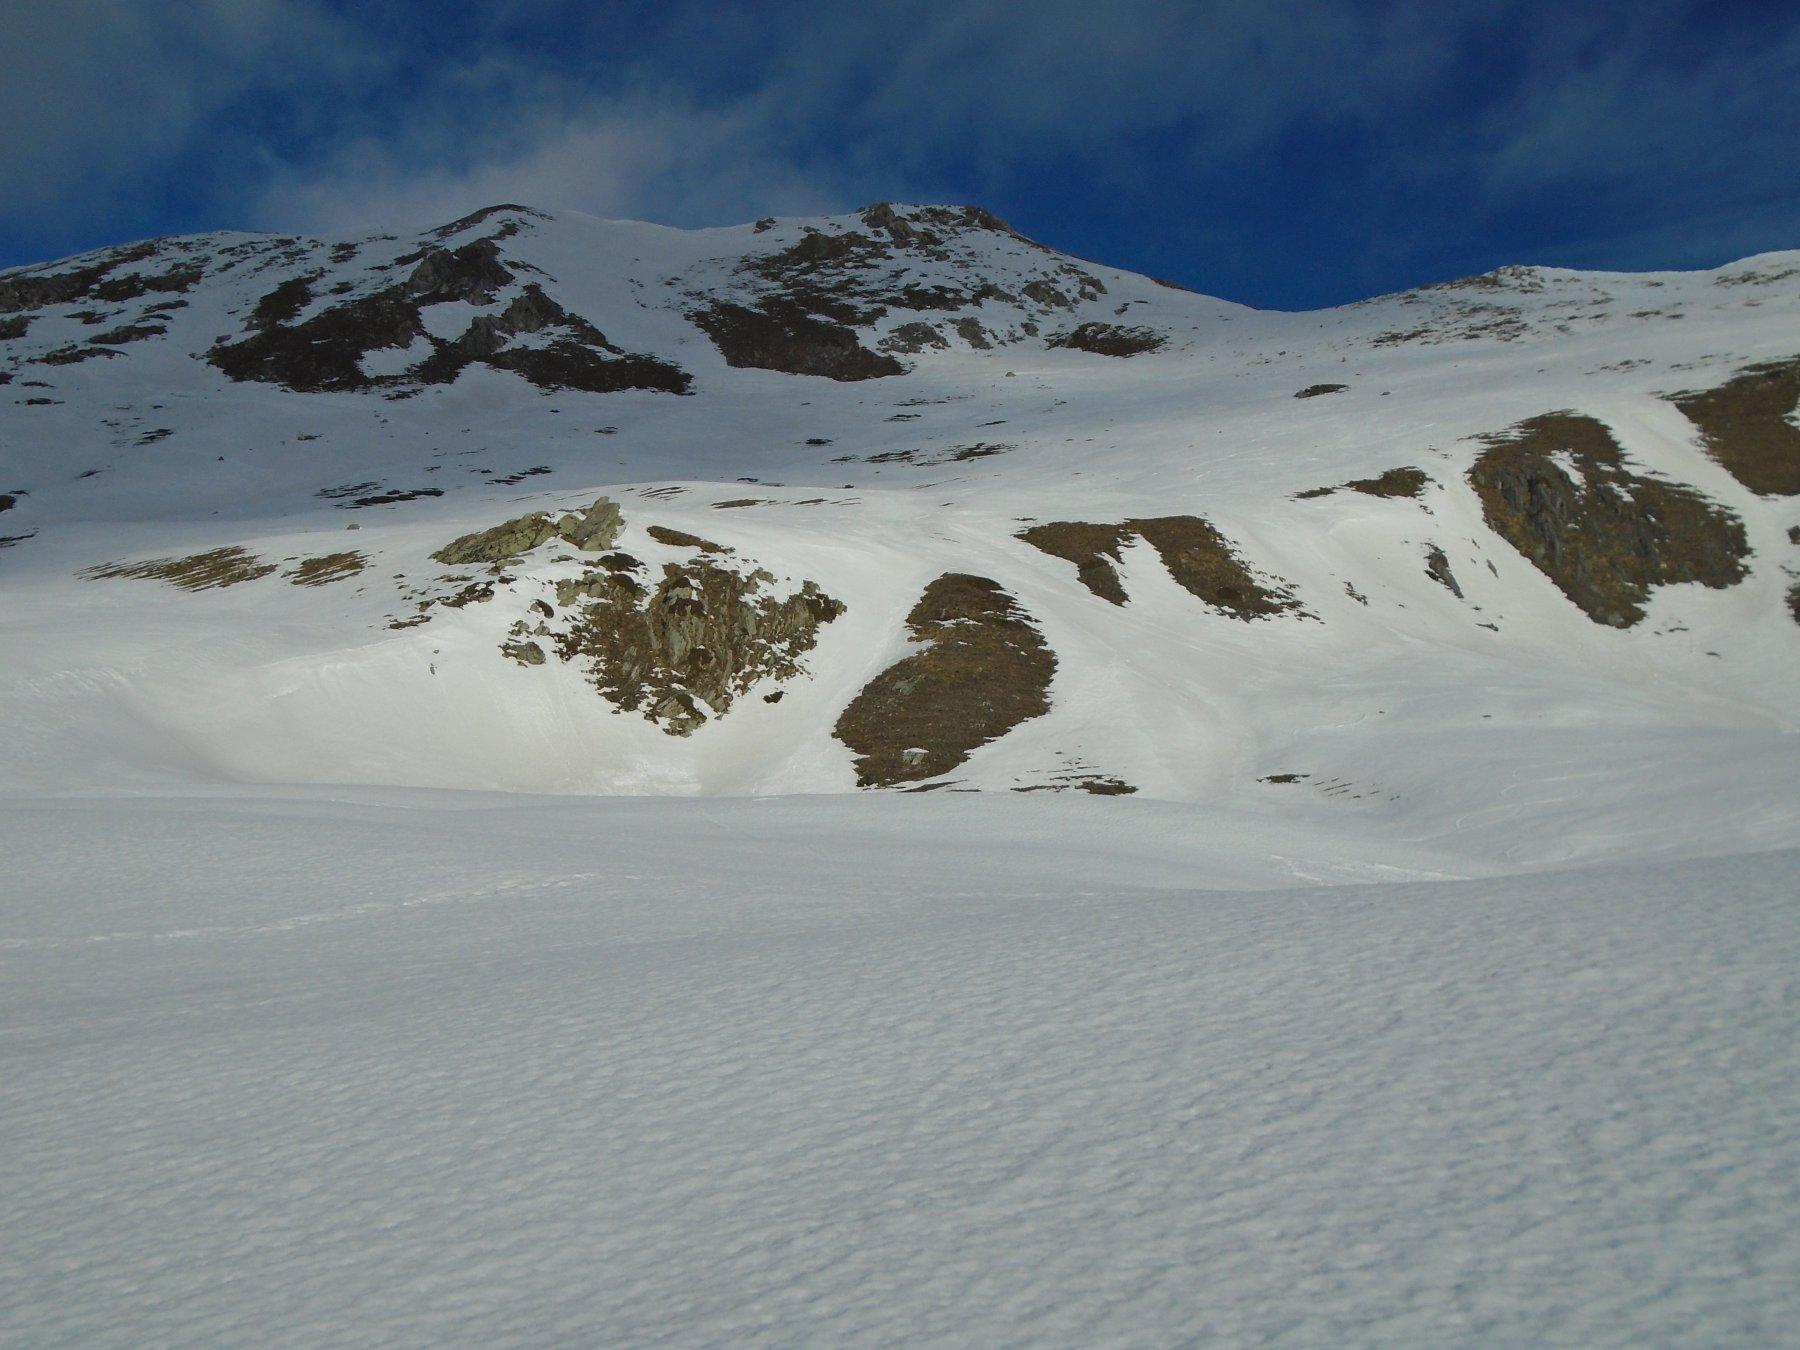 Sul plateau superiore: vetta in vista